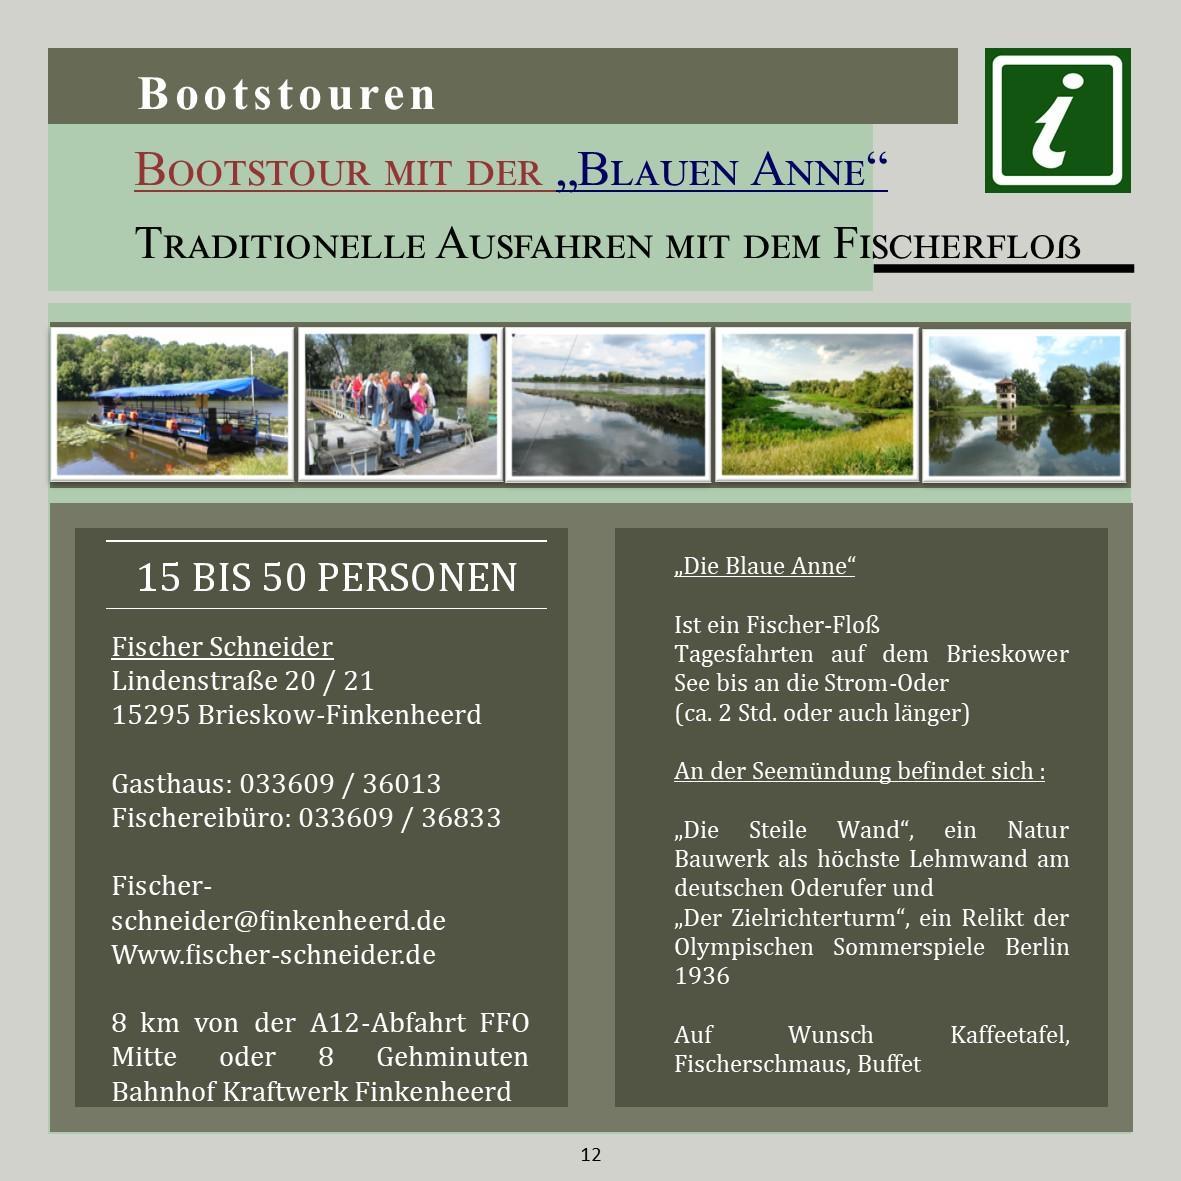 06_Broschüren_Wander_Rad_Bootstouren12